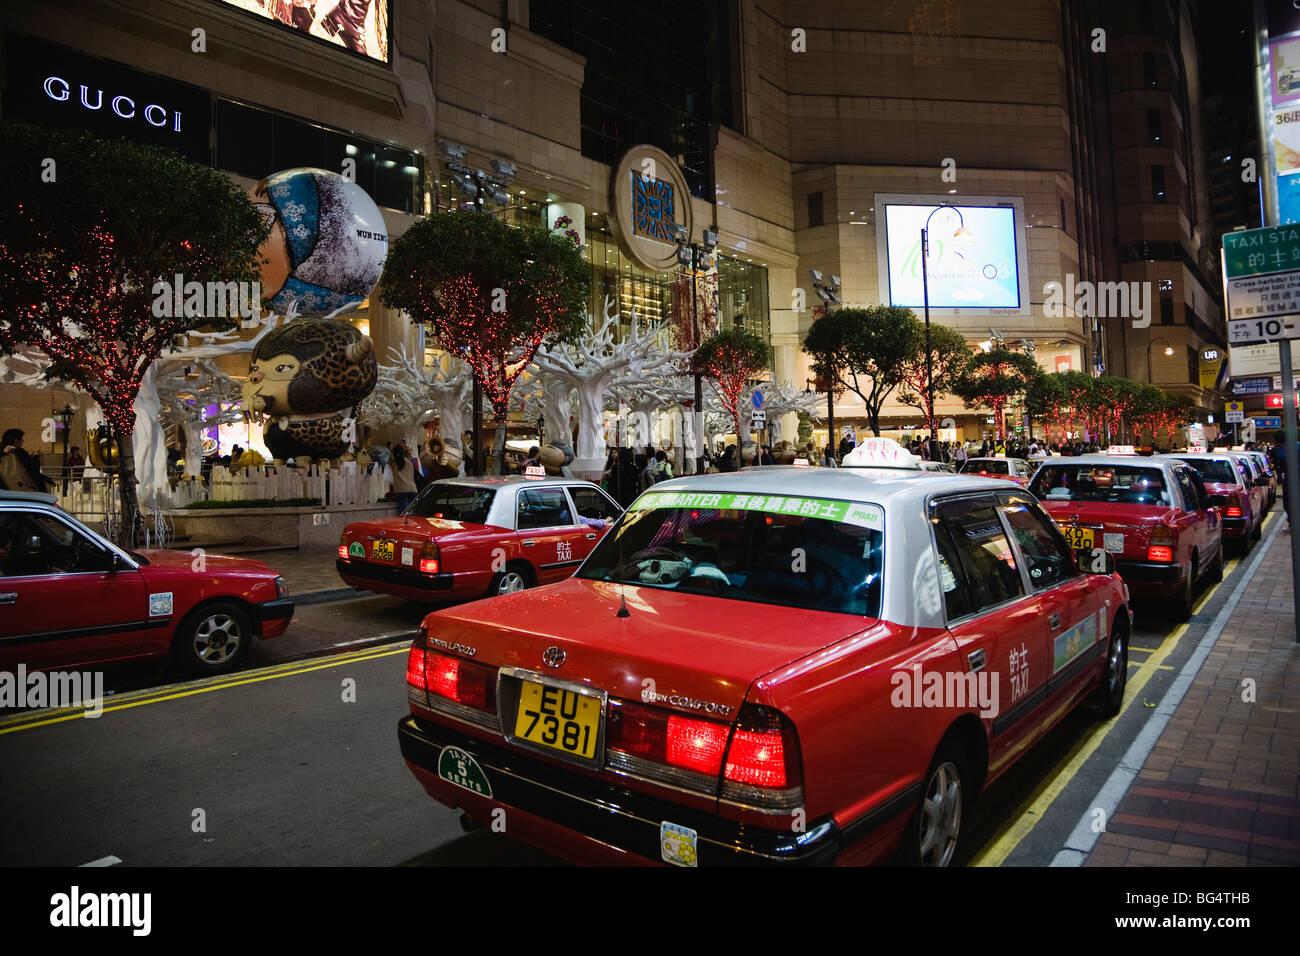 Taxicabs queue up at Times Square shopping mall, Causeway Bay, Hong Kong, China. Christmas season 2008. - Stock Image